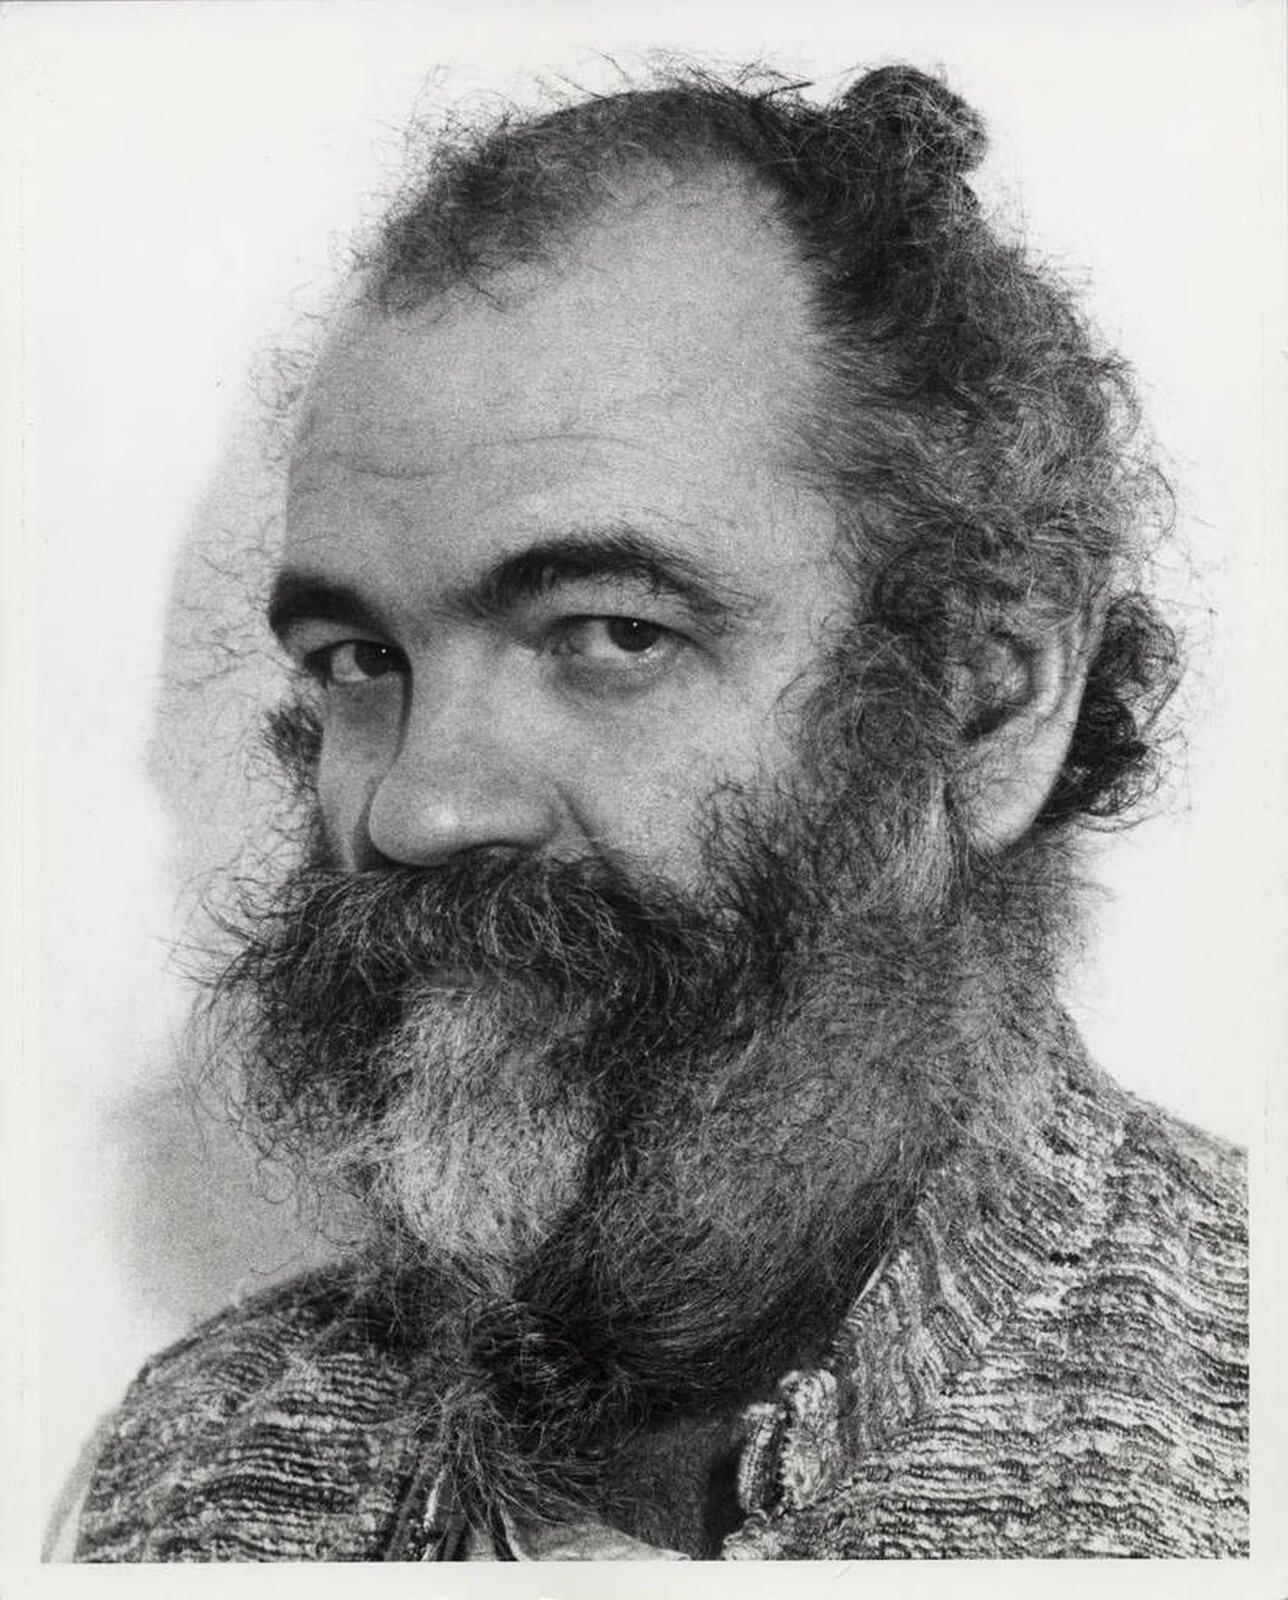 Ilustracja przedstawia fotografię La Monte Younga. Ukazany jest ekscentryczny mężczyzna zzarośniętą brodą. Kompozytor ubrany jest wszary sweter. Ma zawiązane dwie kitki: jedną na czubku głowy, drugą zrobioną na brodzie.